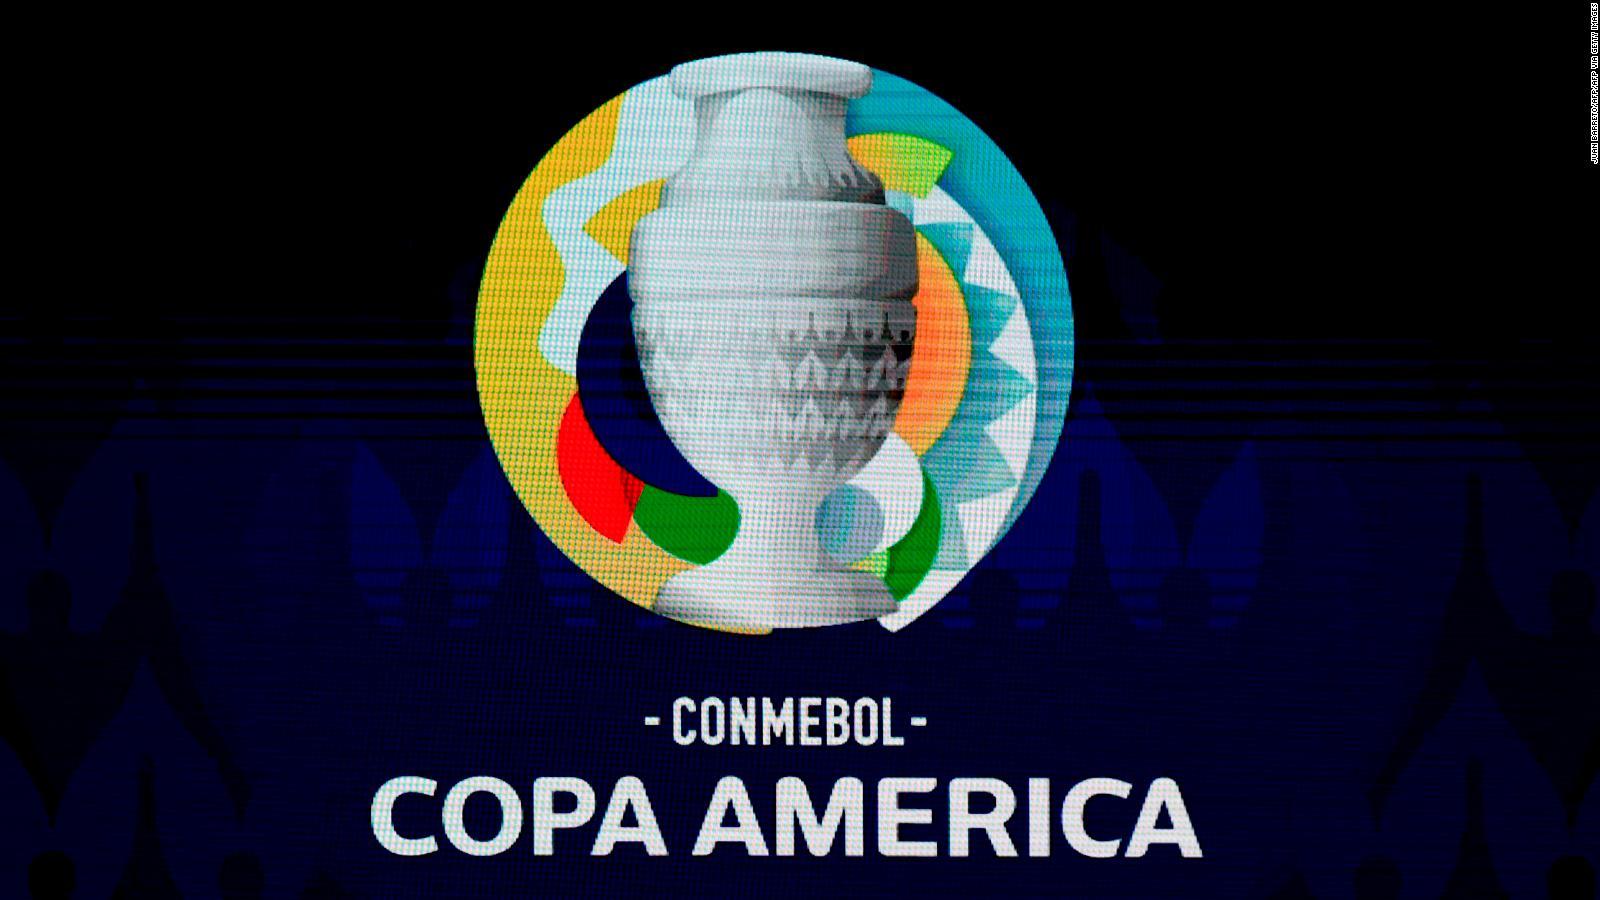 La Copa América lanza su video musical y el torneo sigue en pie   CNN